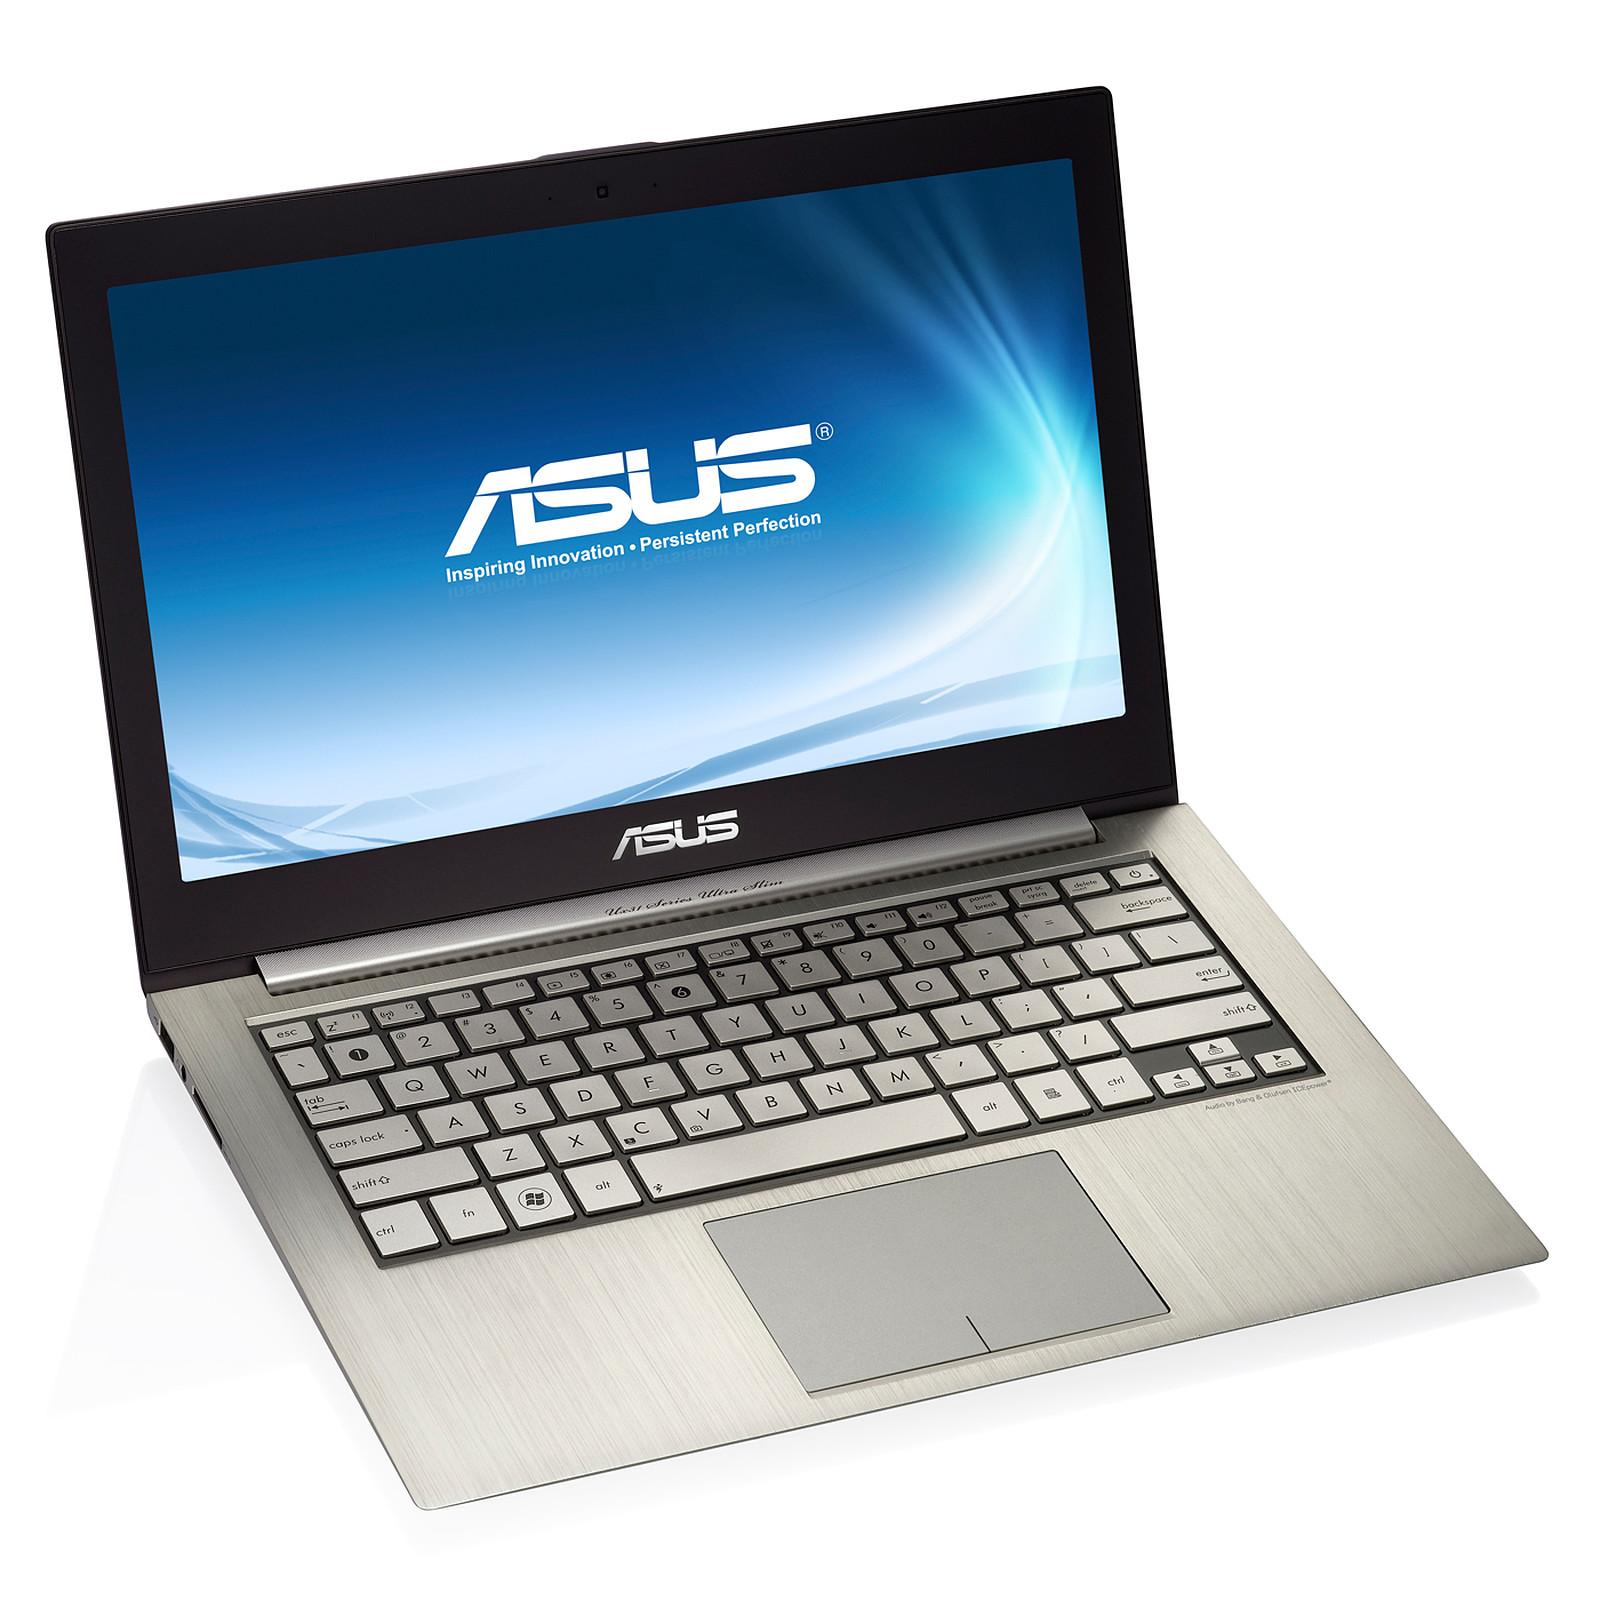 ASUS ZenBook UX31E-RY002X